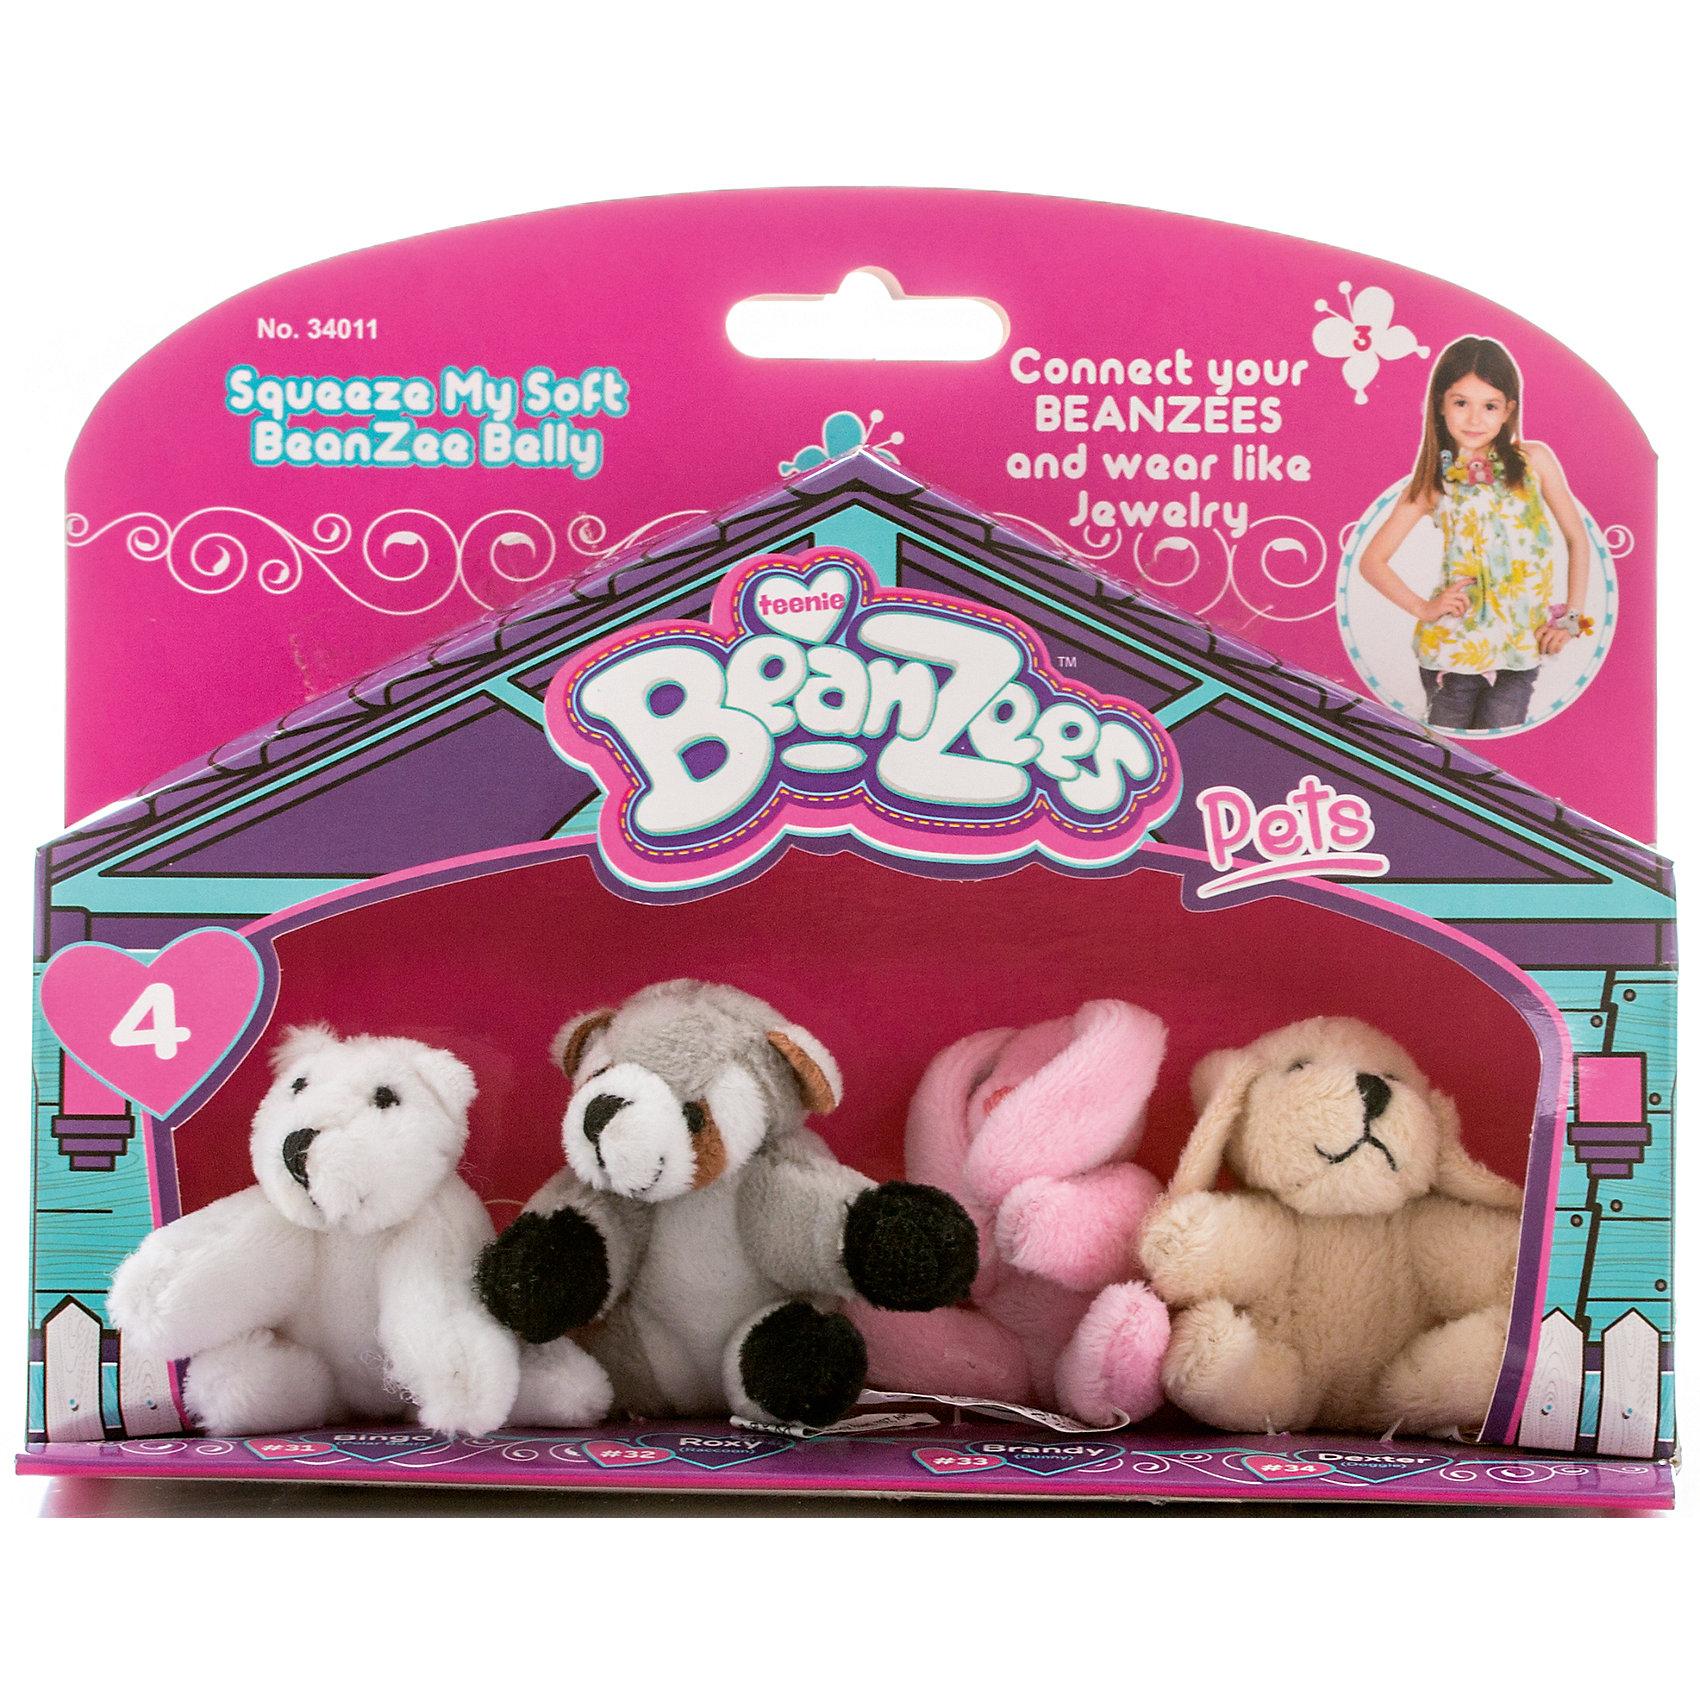 Мини-плюш в наборе Медведь, Енот, Кролик, Песик, BeanzeezМягкие игрушки животные<br>Характеристики товара:<br><br>- цвет: разноцветный;<br>- материал: текстиль;<br>- комплектация: 4 фигурки животных;<br>- особенности: наличие на лапках липучек, игрушку можно соединять с другими героями из серии;<br>- живот заполнен гранулами;<br>- размер упаковки: 5х15х19 см;<br>- упаковка: блистер;<br>- вес: 100 г.<br><br>Такая симпатичная игрушка не оставит ребенка равнодушным! Какой малыш откажется поиграть с маленькими плюшевыми игрушками из большой пушистой коллекции?! Игрушки очень качественно выполнены, поэтому такой набор станет отличным подарком ребенку. В наборе идет четыре плюшевых фигурки животных. С ними можно придумать множество сюжетов, разыгрывая которые, ребенок развивает мелкую моторику, воображение и творческое мышление.<br>Изделие произведено из высококачественного материала, безопасного для детей.<br><br>Мини-плюш в наборе Медведь, Енот, Кролик, Песик от бренда Beanzeez можно купить в нашем интернет-магазине.<br><br>Ширина мм: 50<br>Глубина мм: 150<br>Высота мм: 190<br>Вес г: 93<br>Возраст от месяцев: 36<br>Возраст до месяцев: 2147483647<br>Пол: Женский<br>Возраст: Детский<br>SKU: 5039895